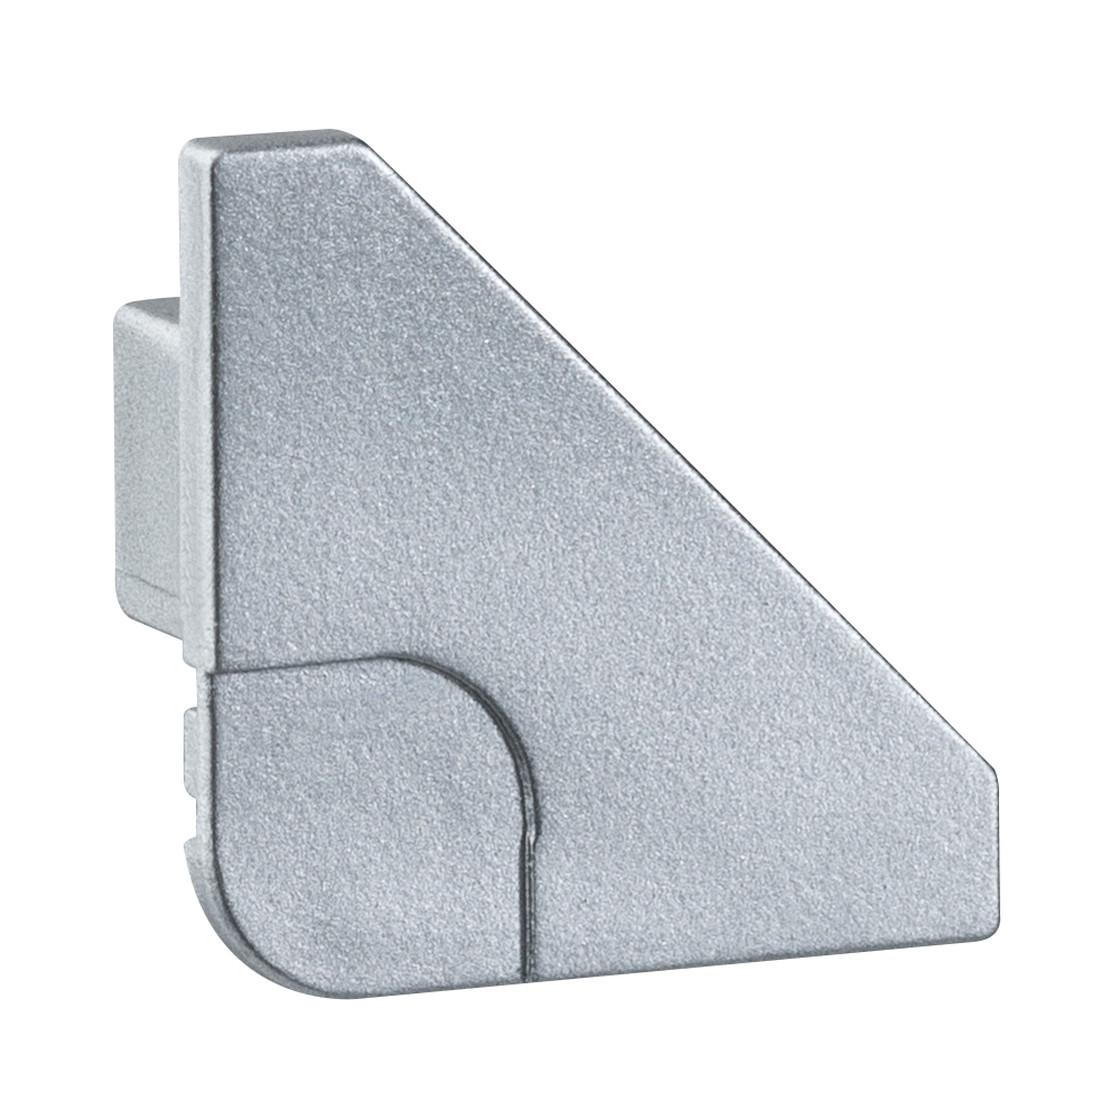 2er set paulmann delta profil corner eckprofil led. Black Bedroom Furniture Sets. Home Design Ideas